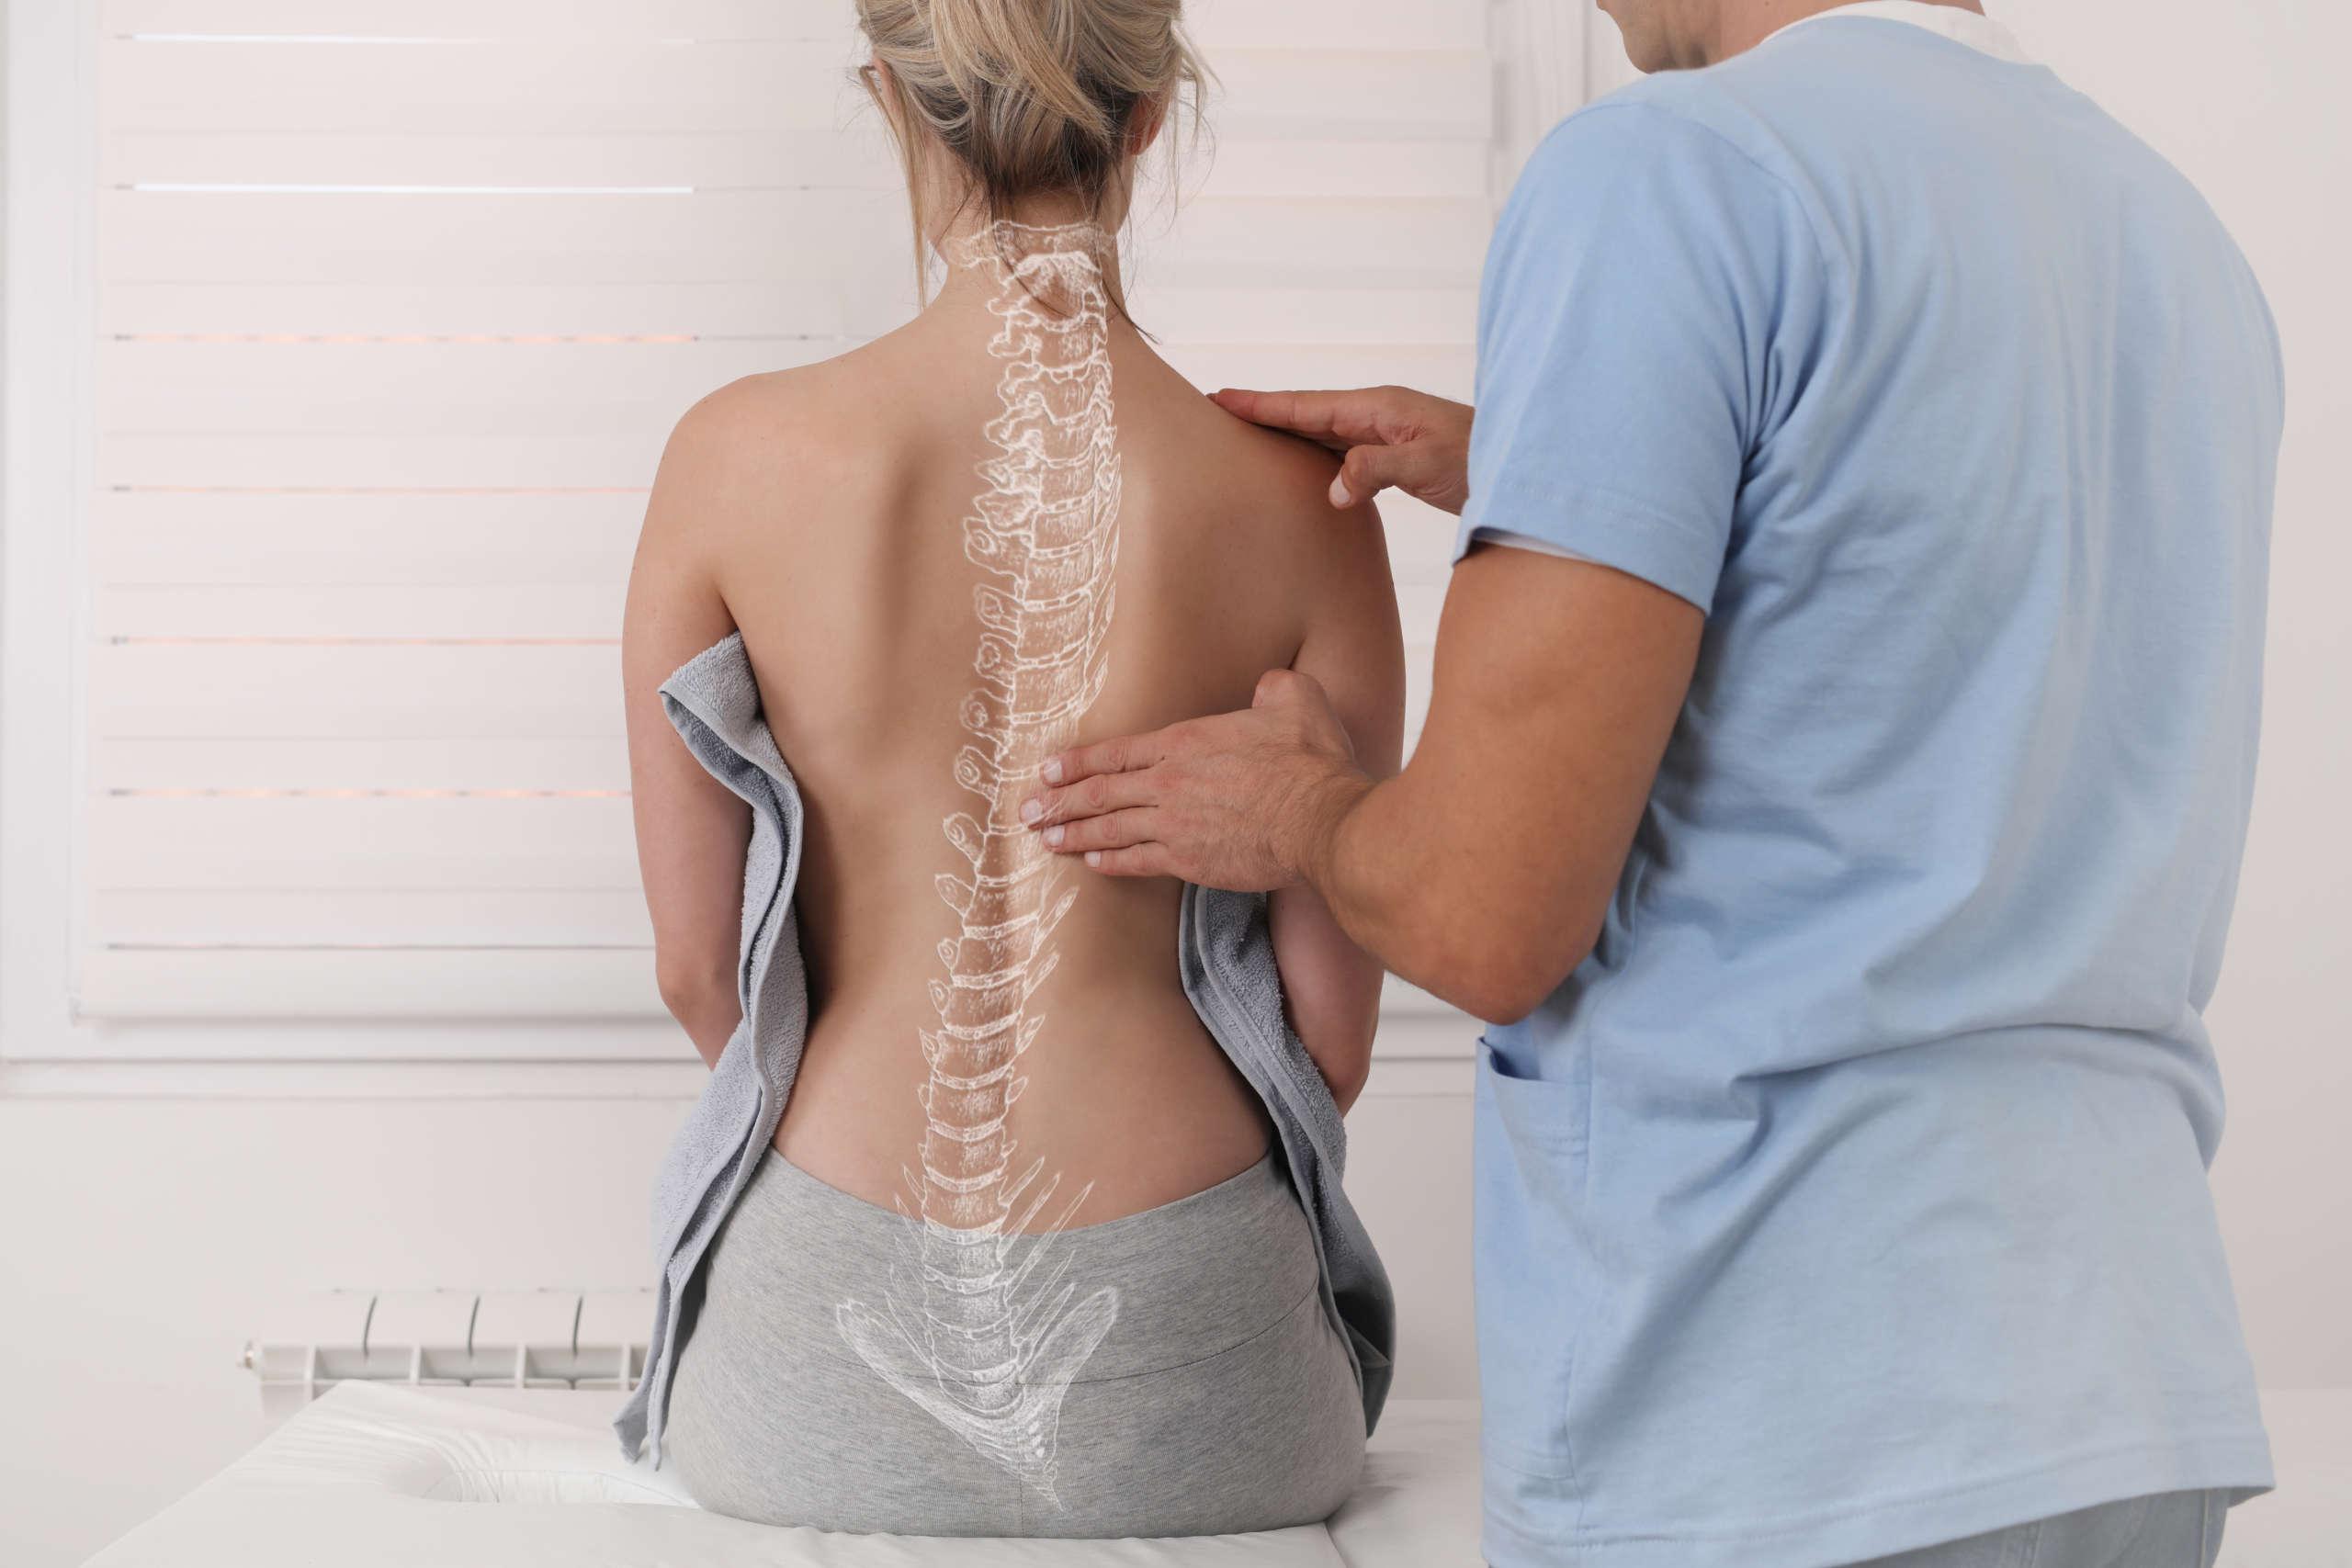 La columna vertebral y la salud del cuerpo